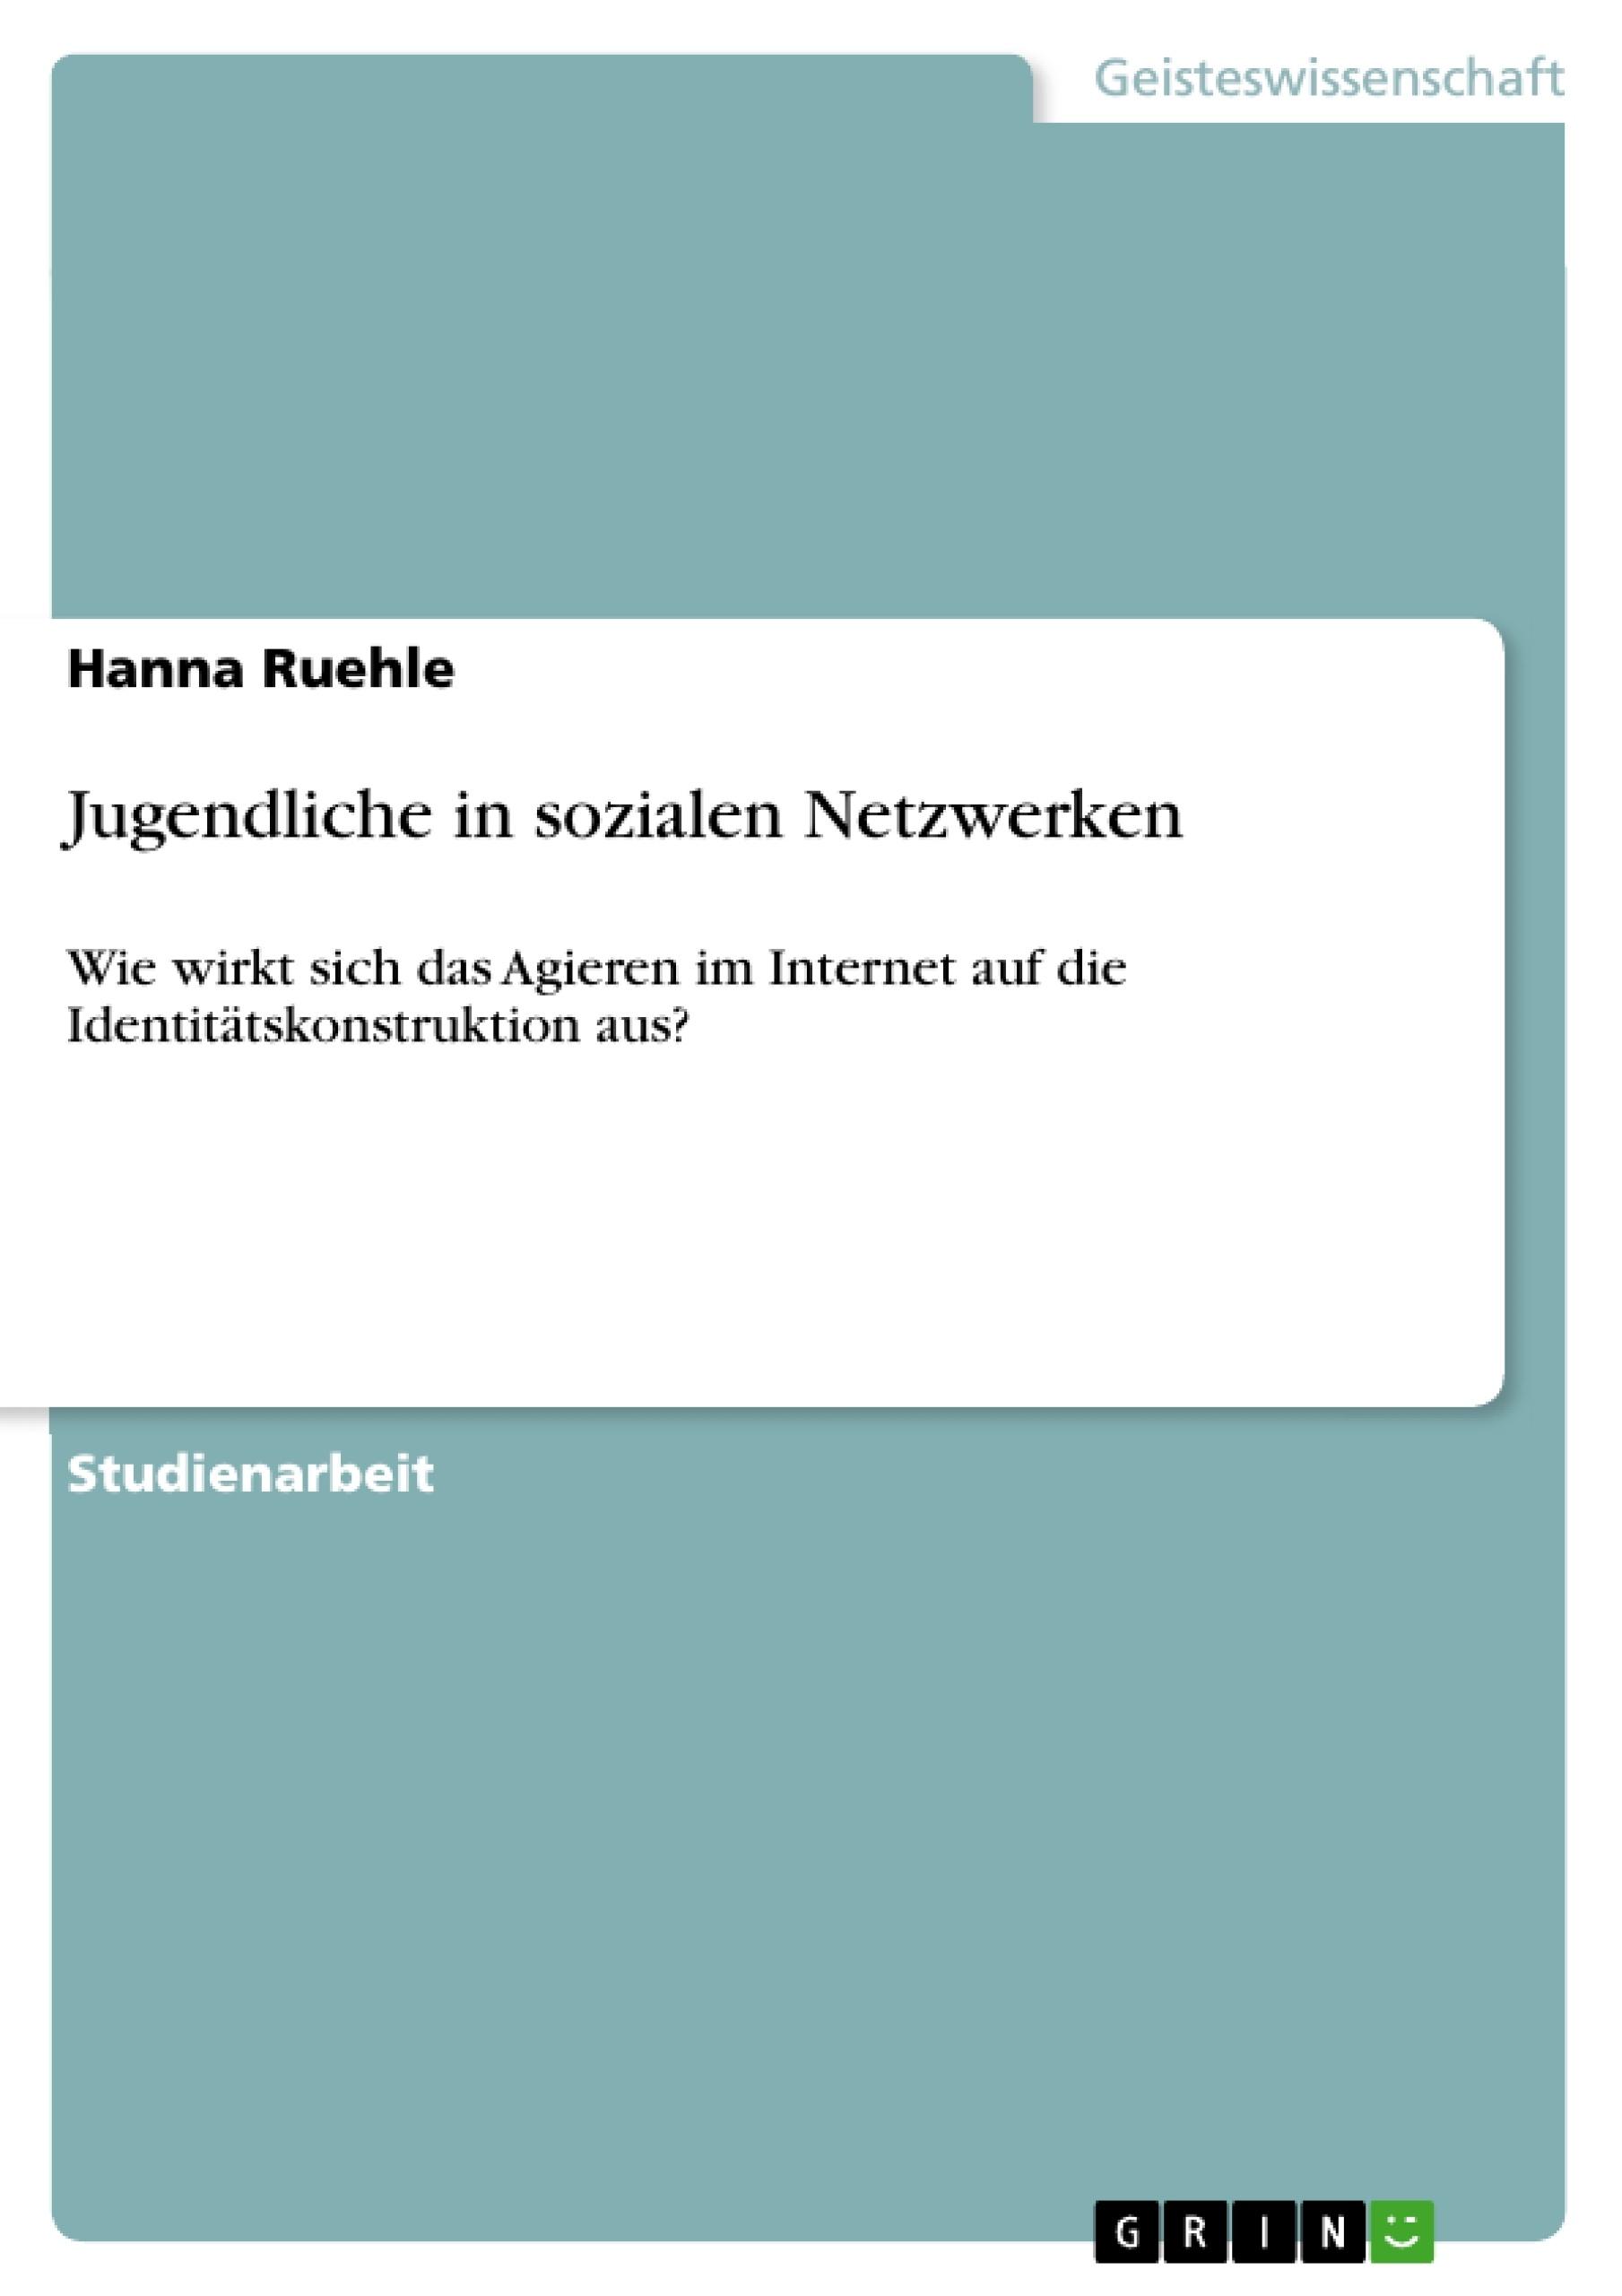 Titel: Jugendliche in sozialen Netzwerken